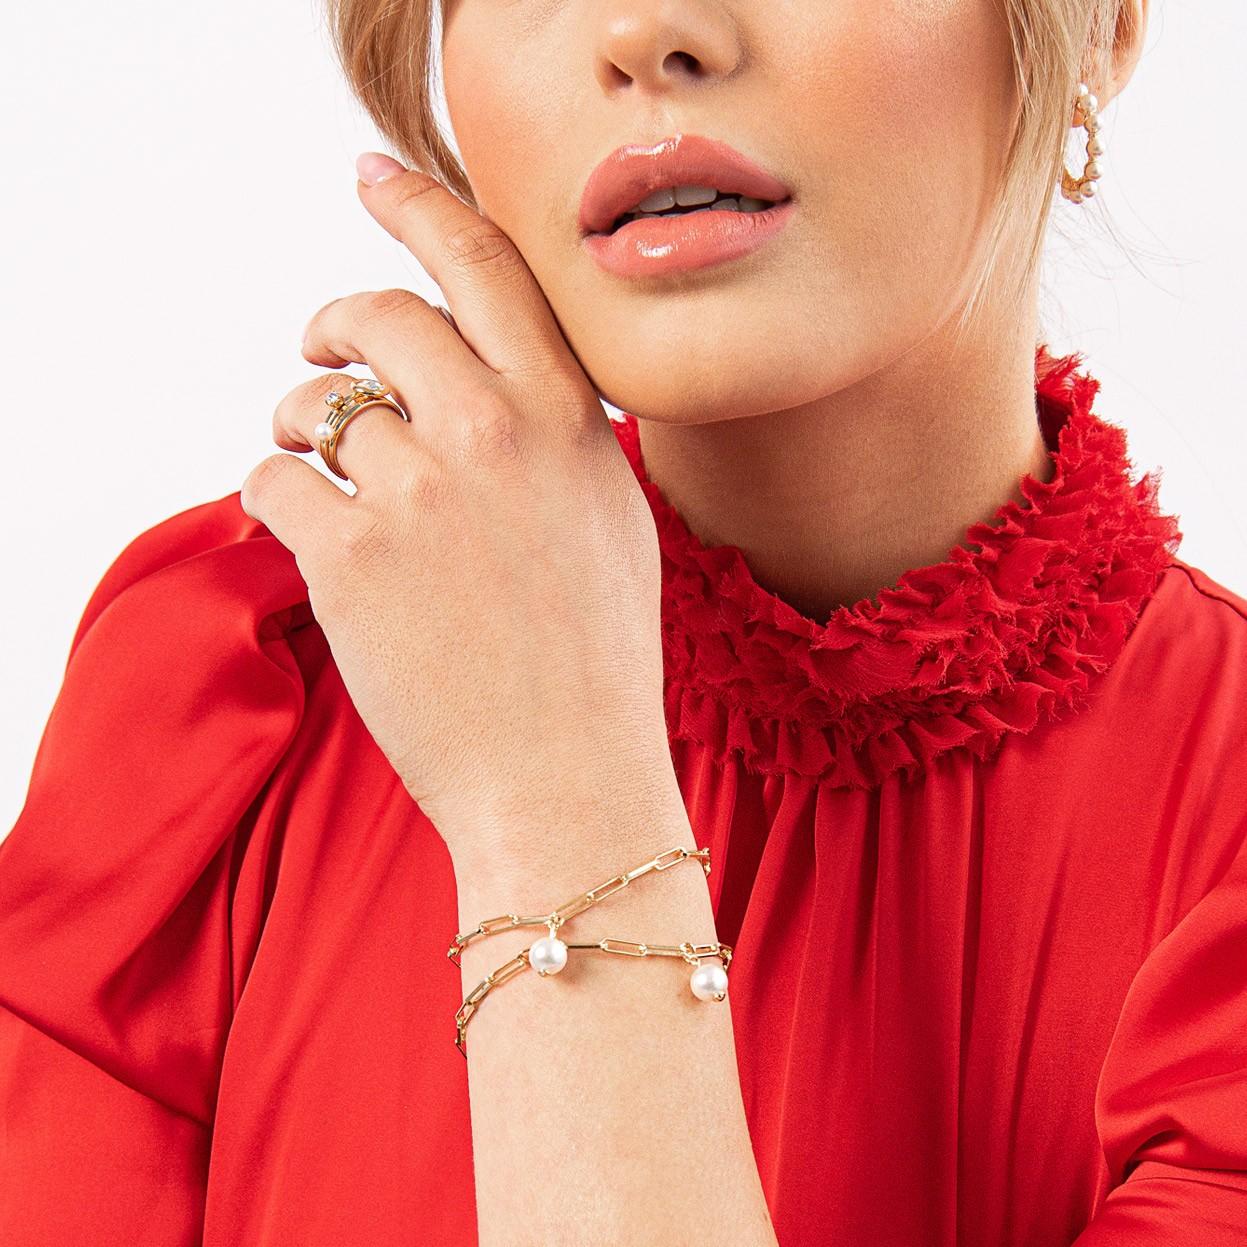 Srebrna bransoletka z okrągłą perłą Swarovskiego, srebro 925